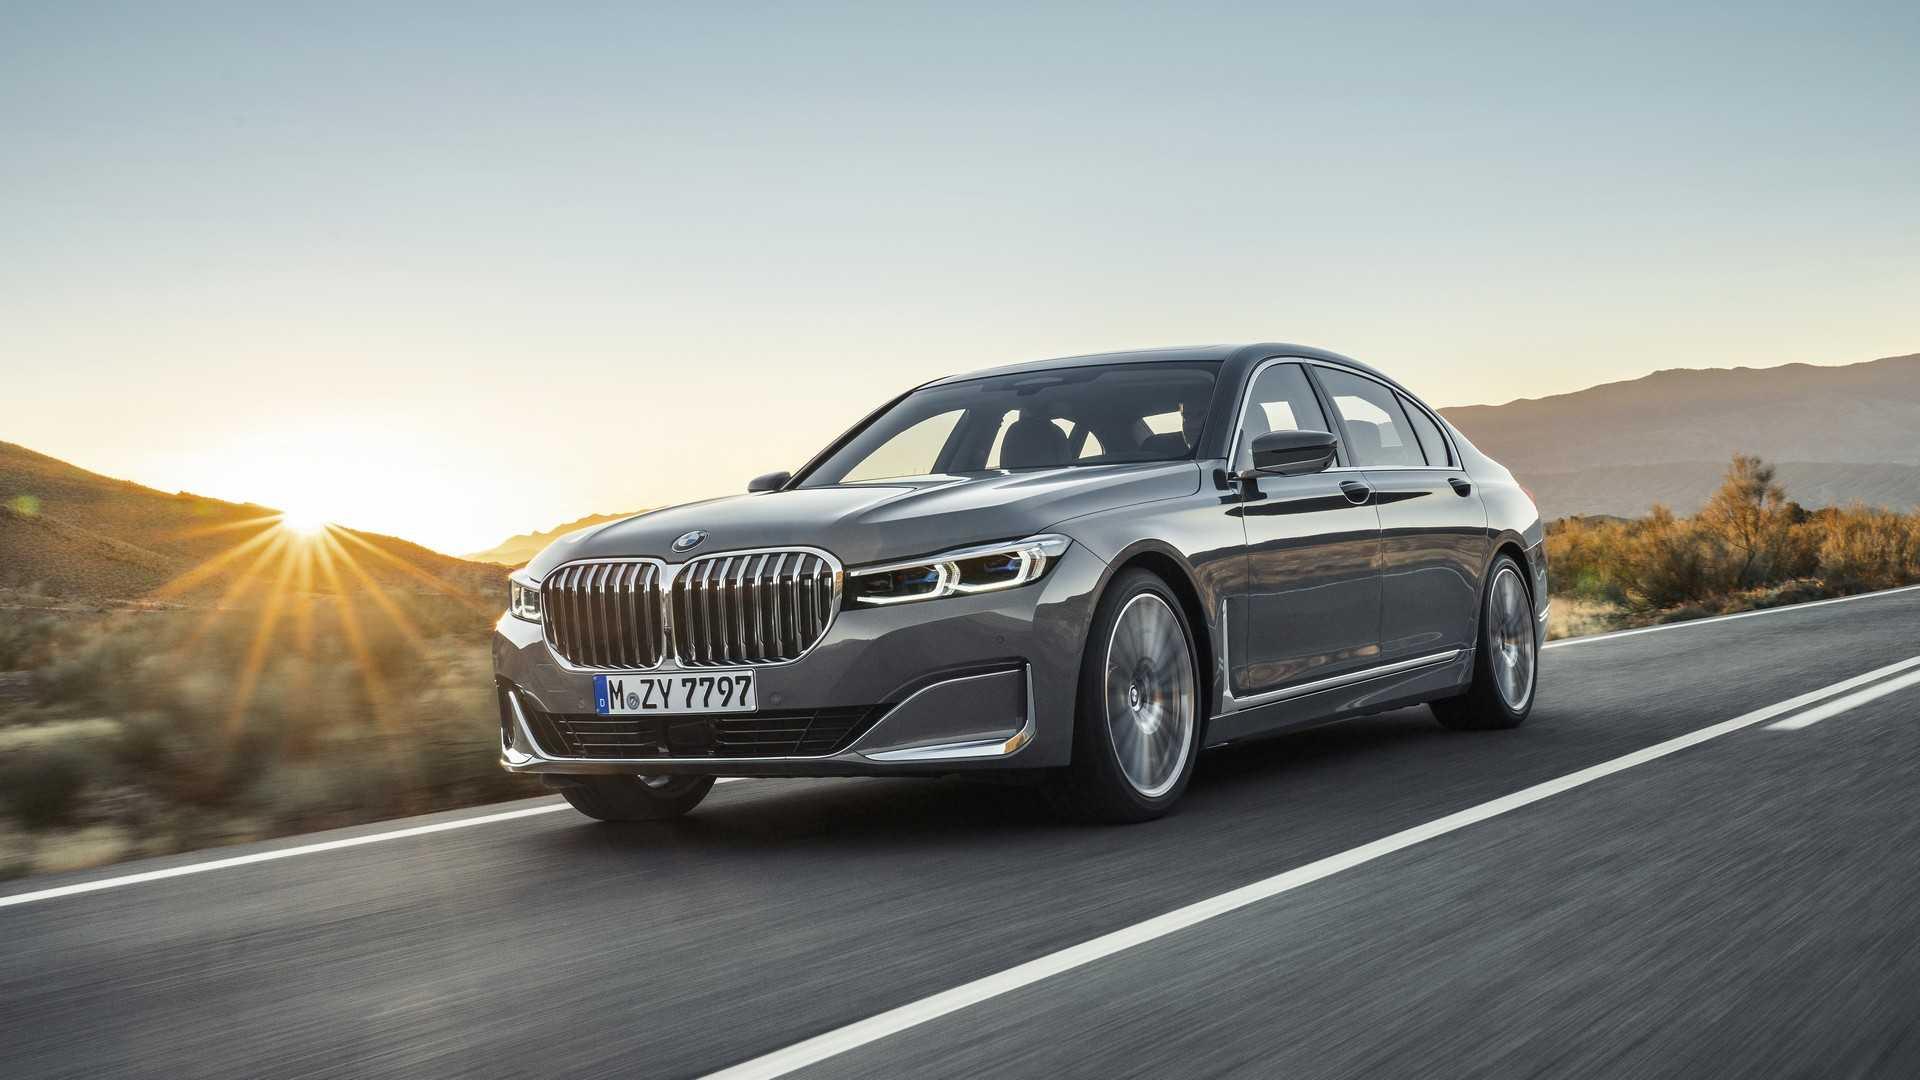 BMW Série 7 da geração atual